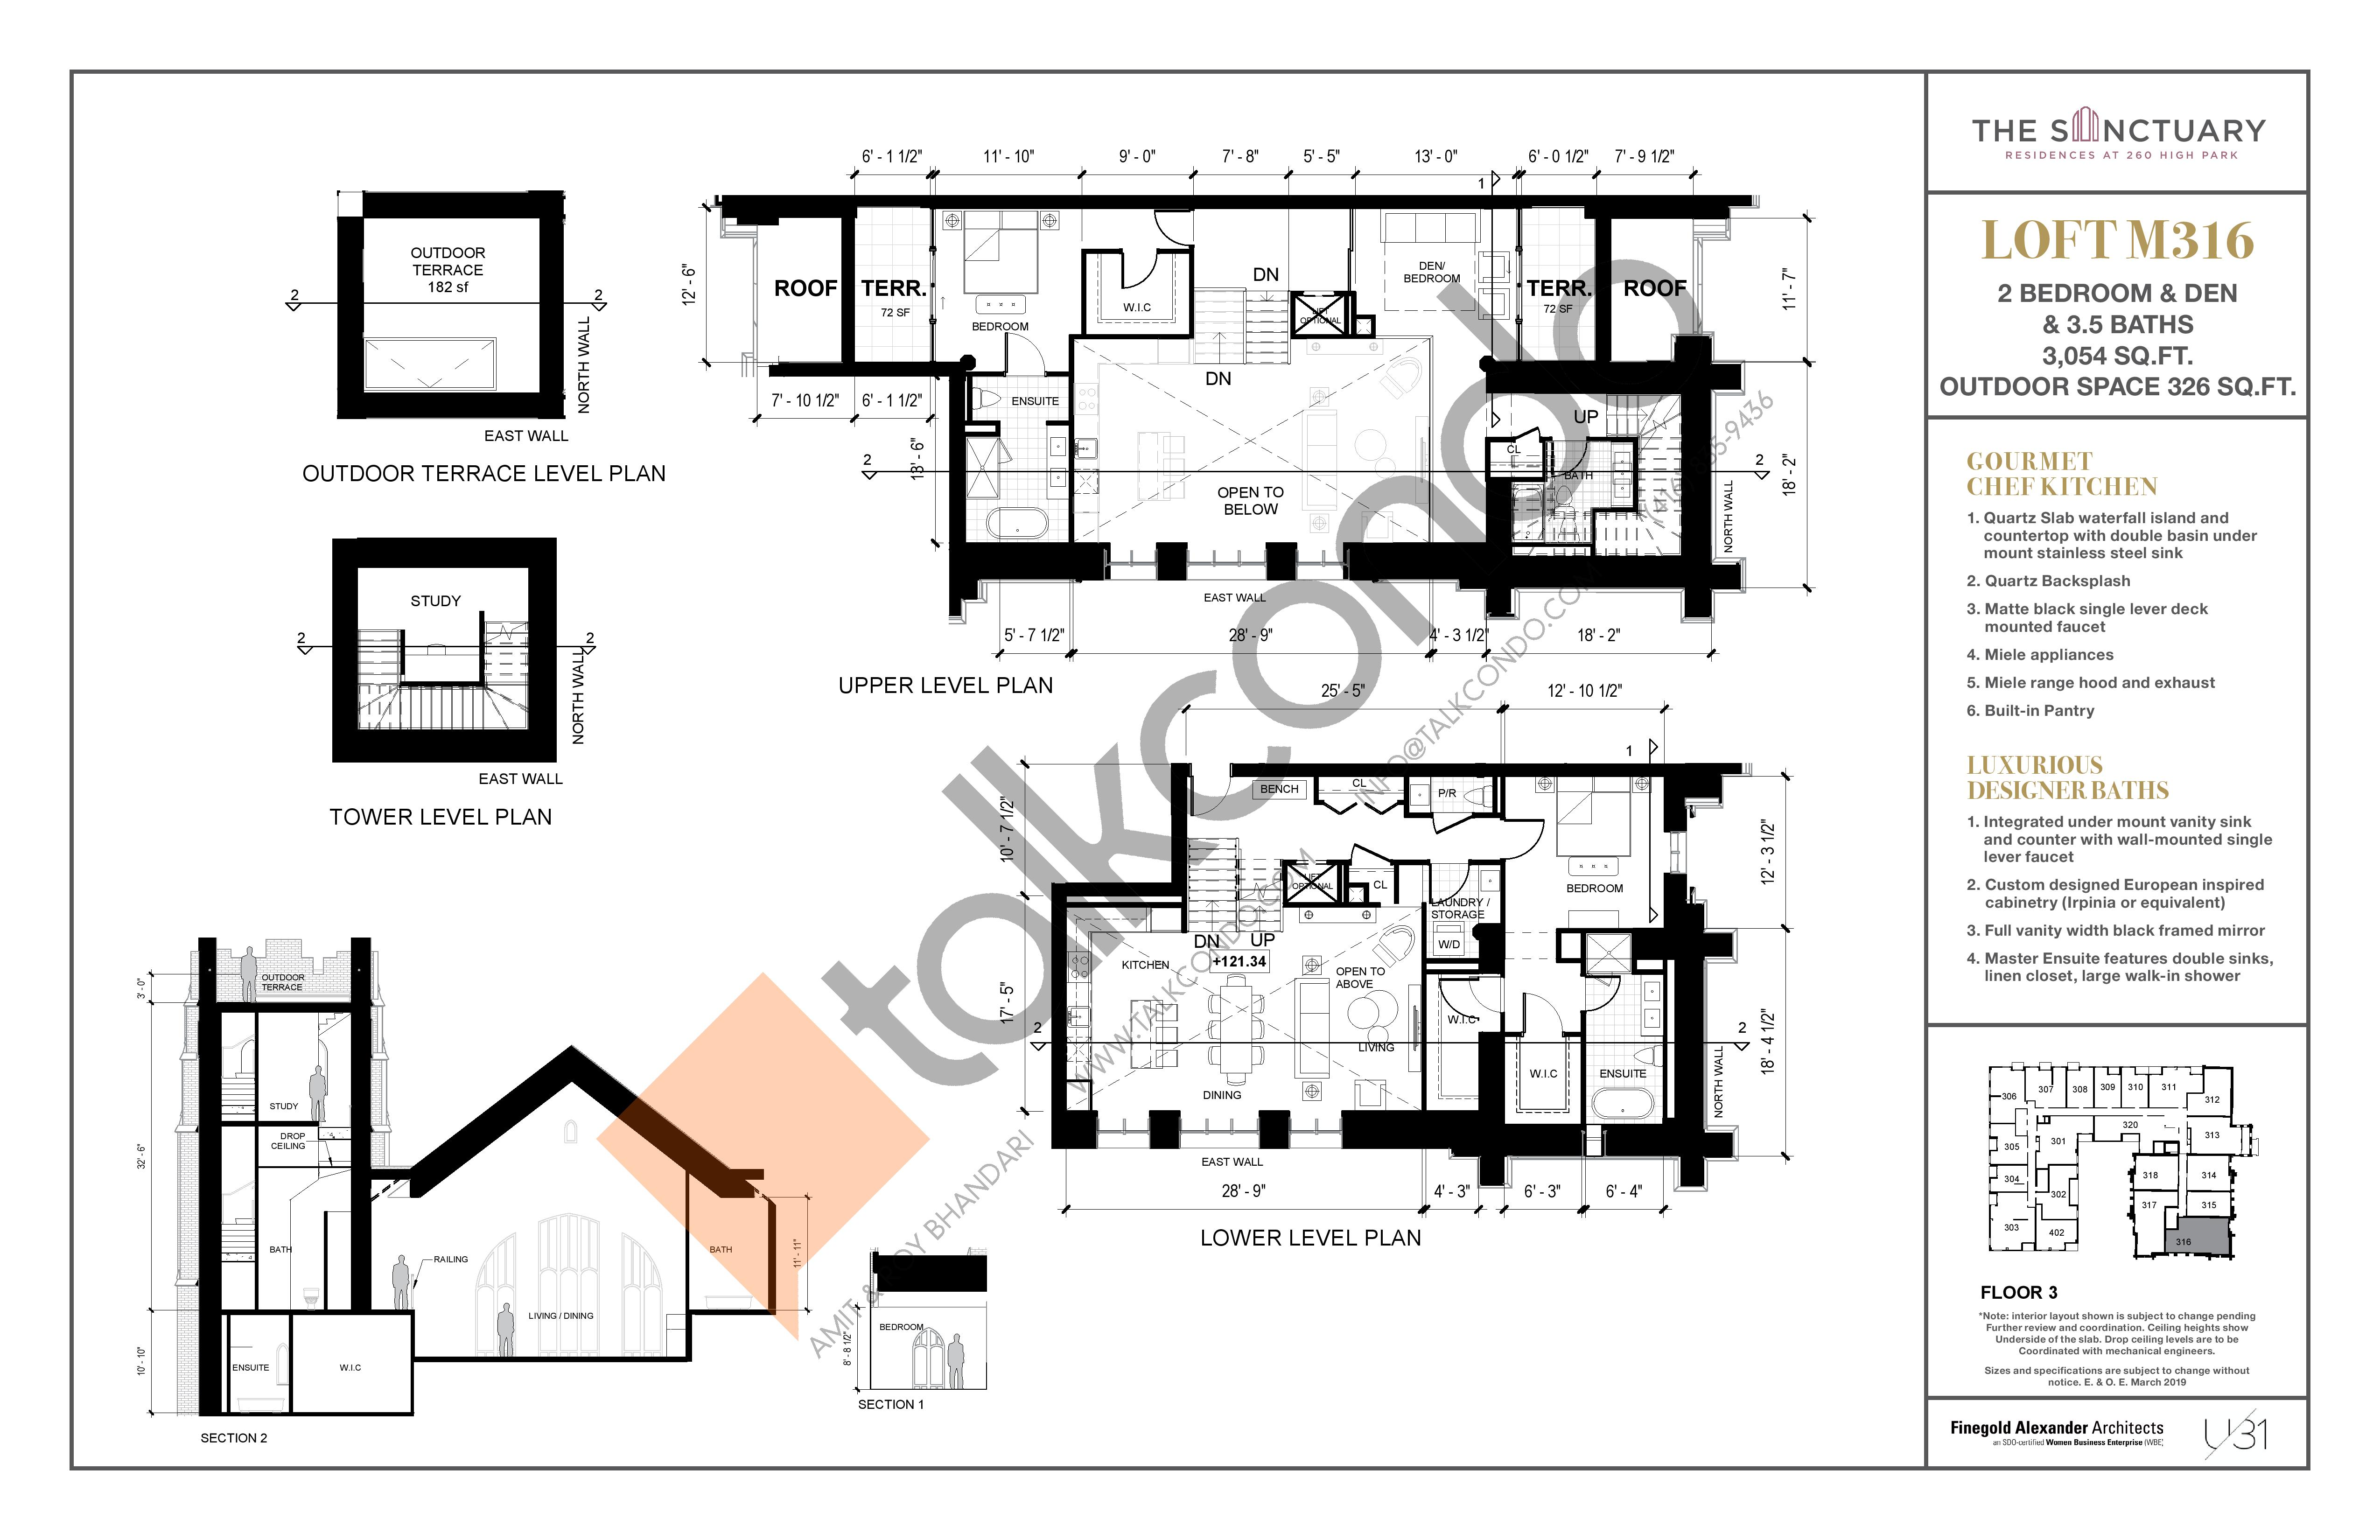 Loft M316 Floor Plan at 260 High Park - 3054 sq.ft